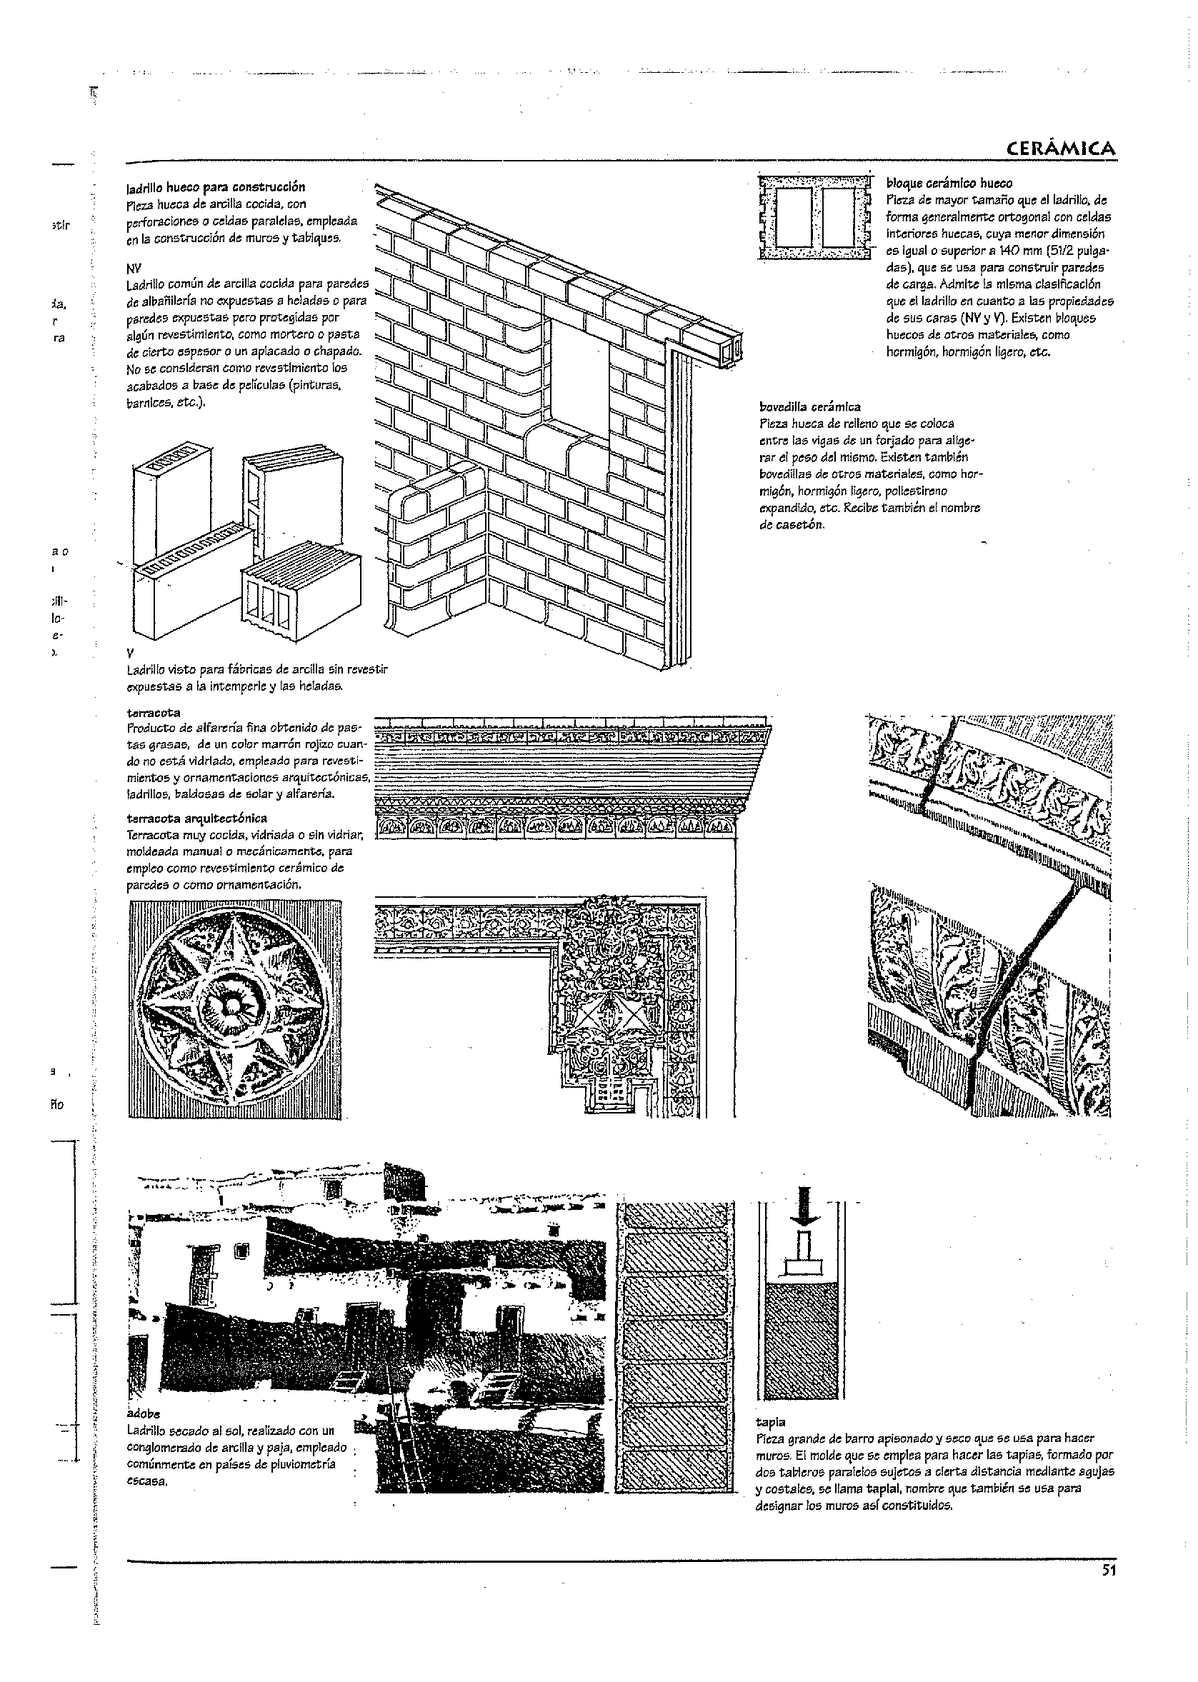 Download as pdf diccionario visual de arquitectura for Diccionario de arquitectura pdf